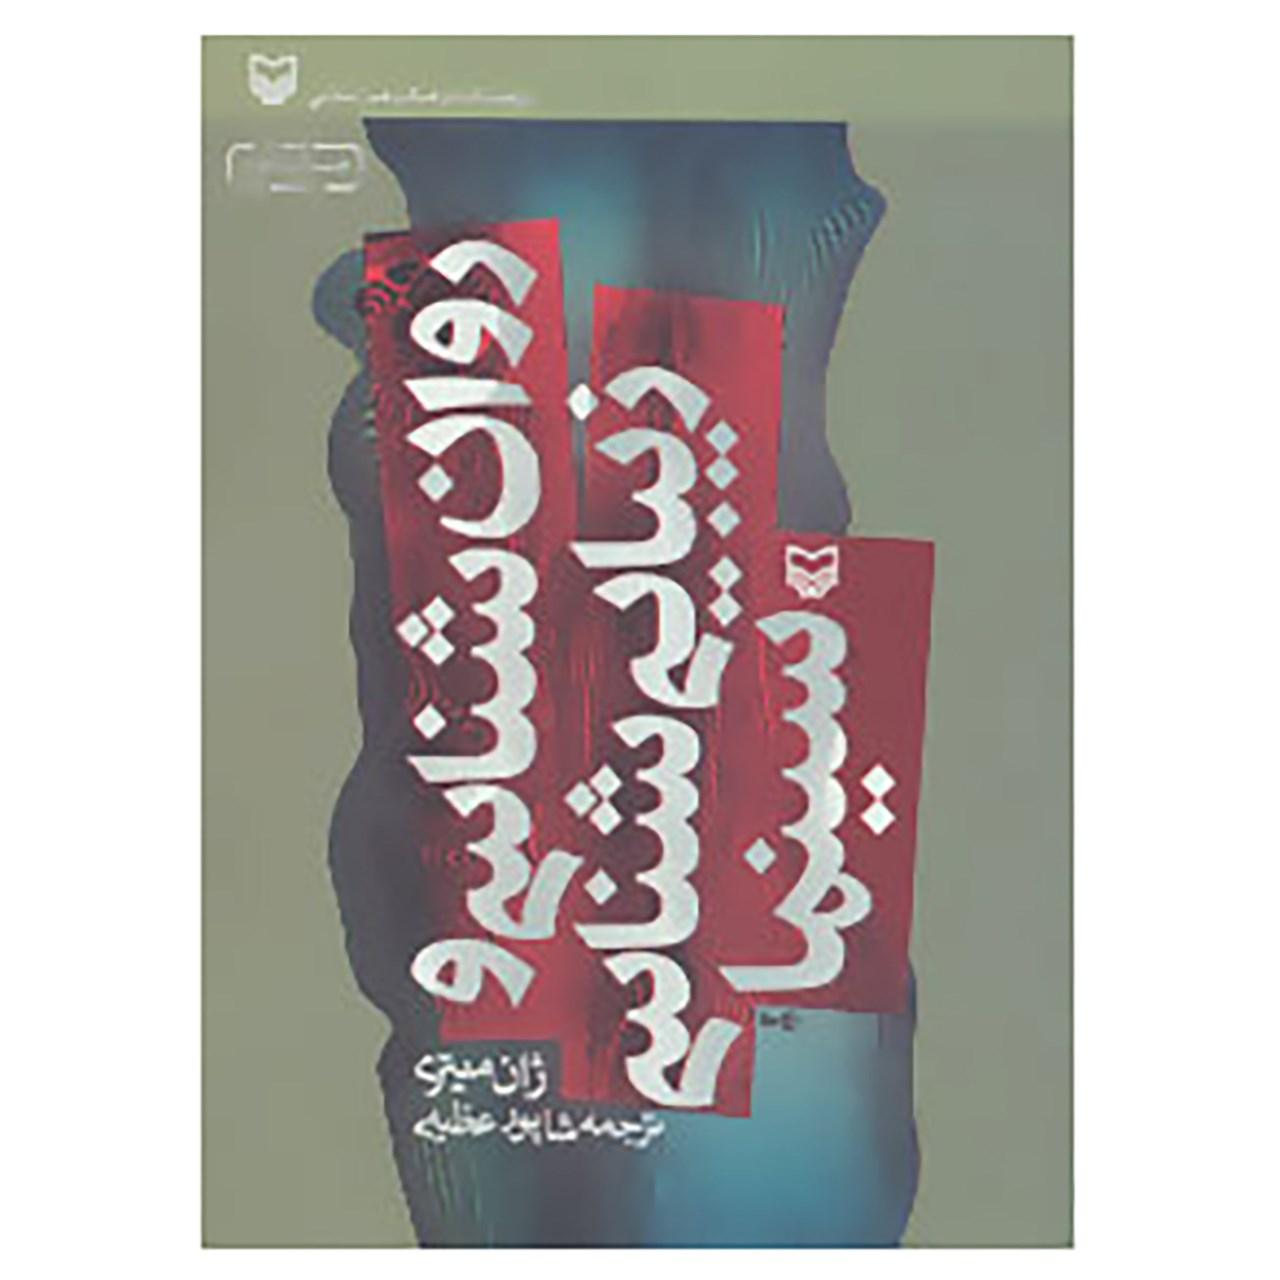 خرید                      کتاب روان شناسی و زیبایی شناسی سینما اثر ژان میتری